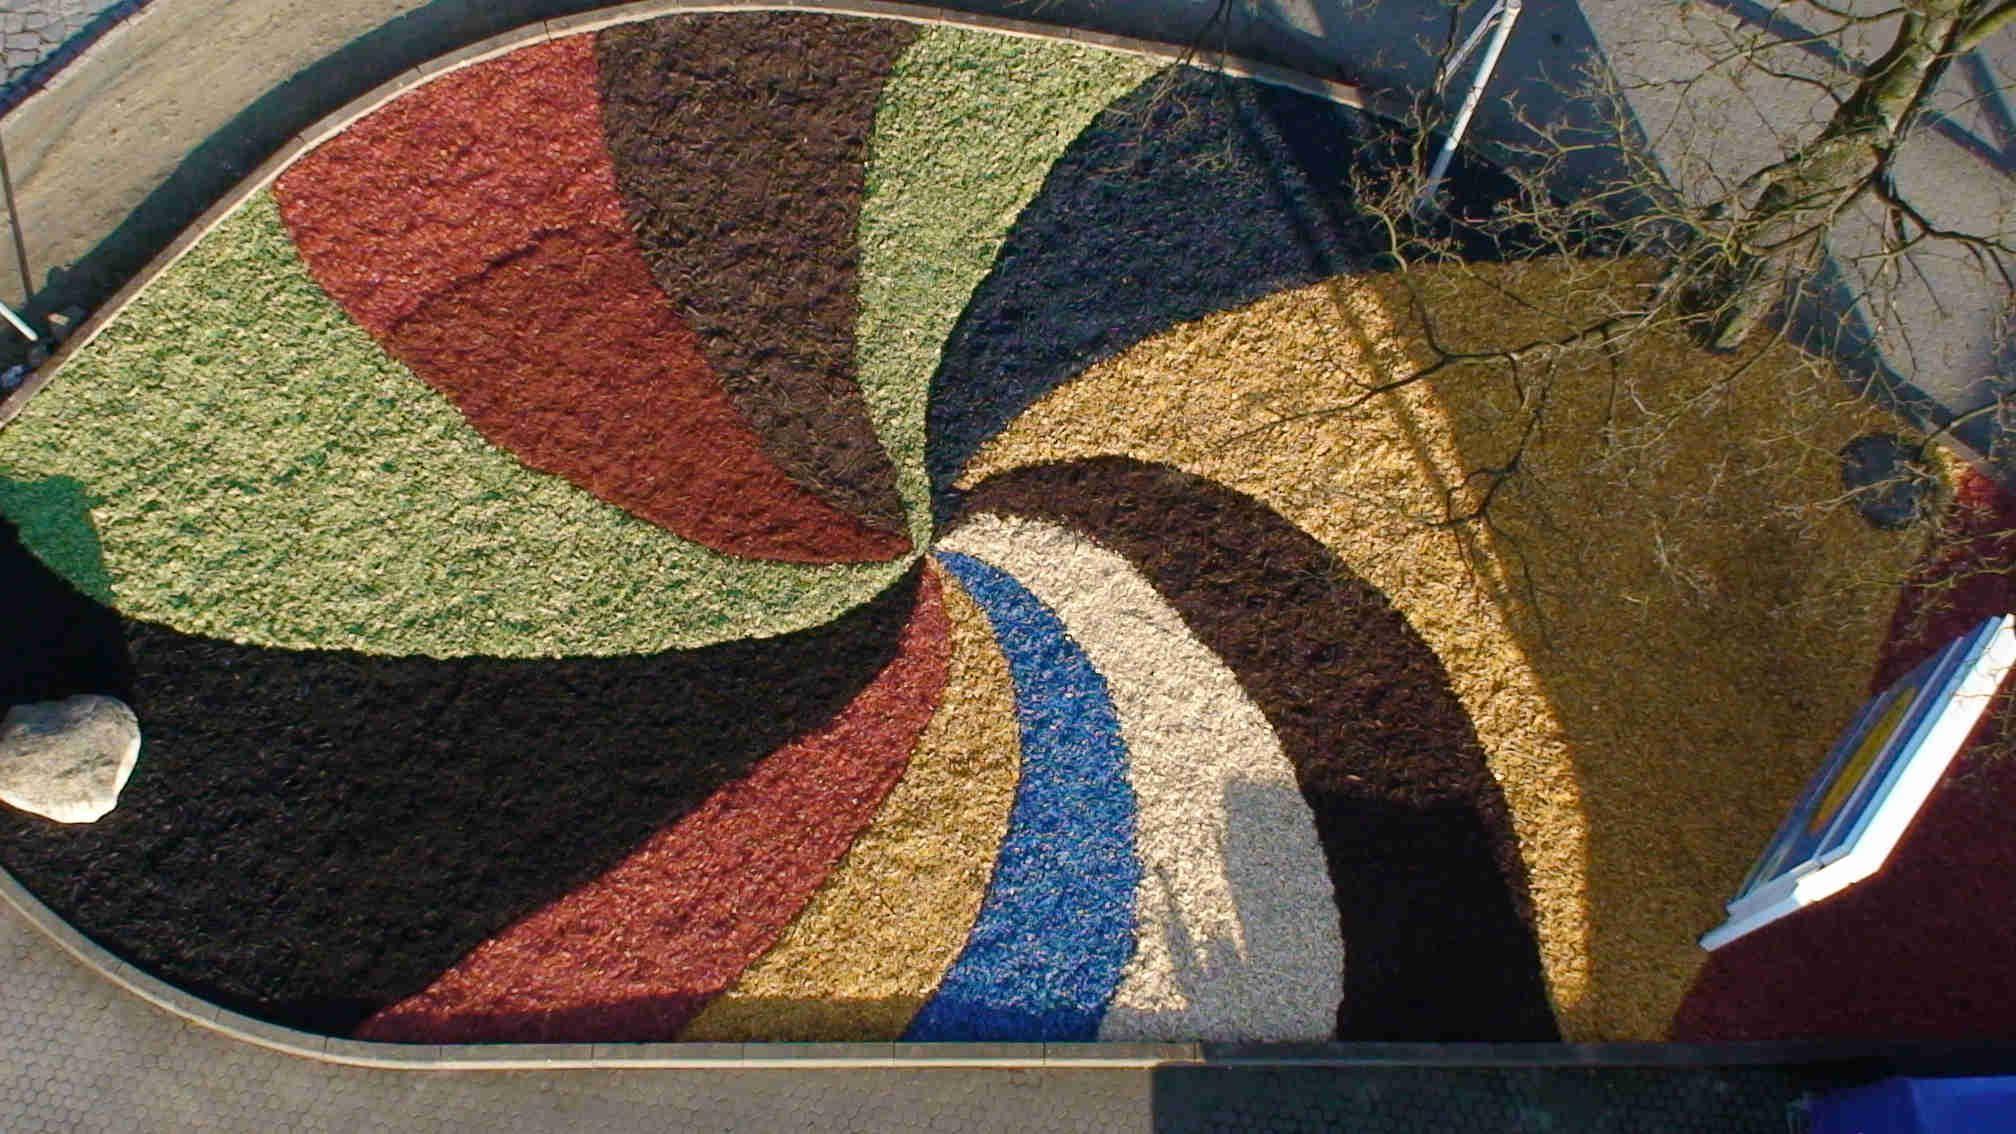 Farbige Dekorhackschnitzel Farbiger Dekormulch Hackschnitzel Alternative Rindenmulch Fallschutz Spielplatz Holzhackschni Holz Hacken Dekor Bodenabdeckung